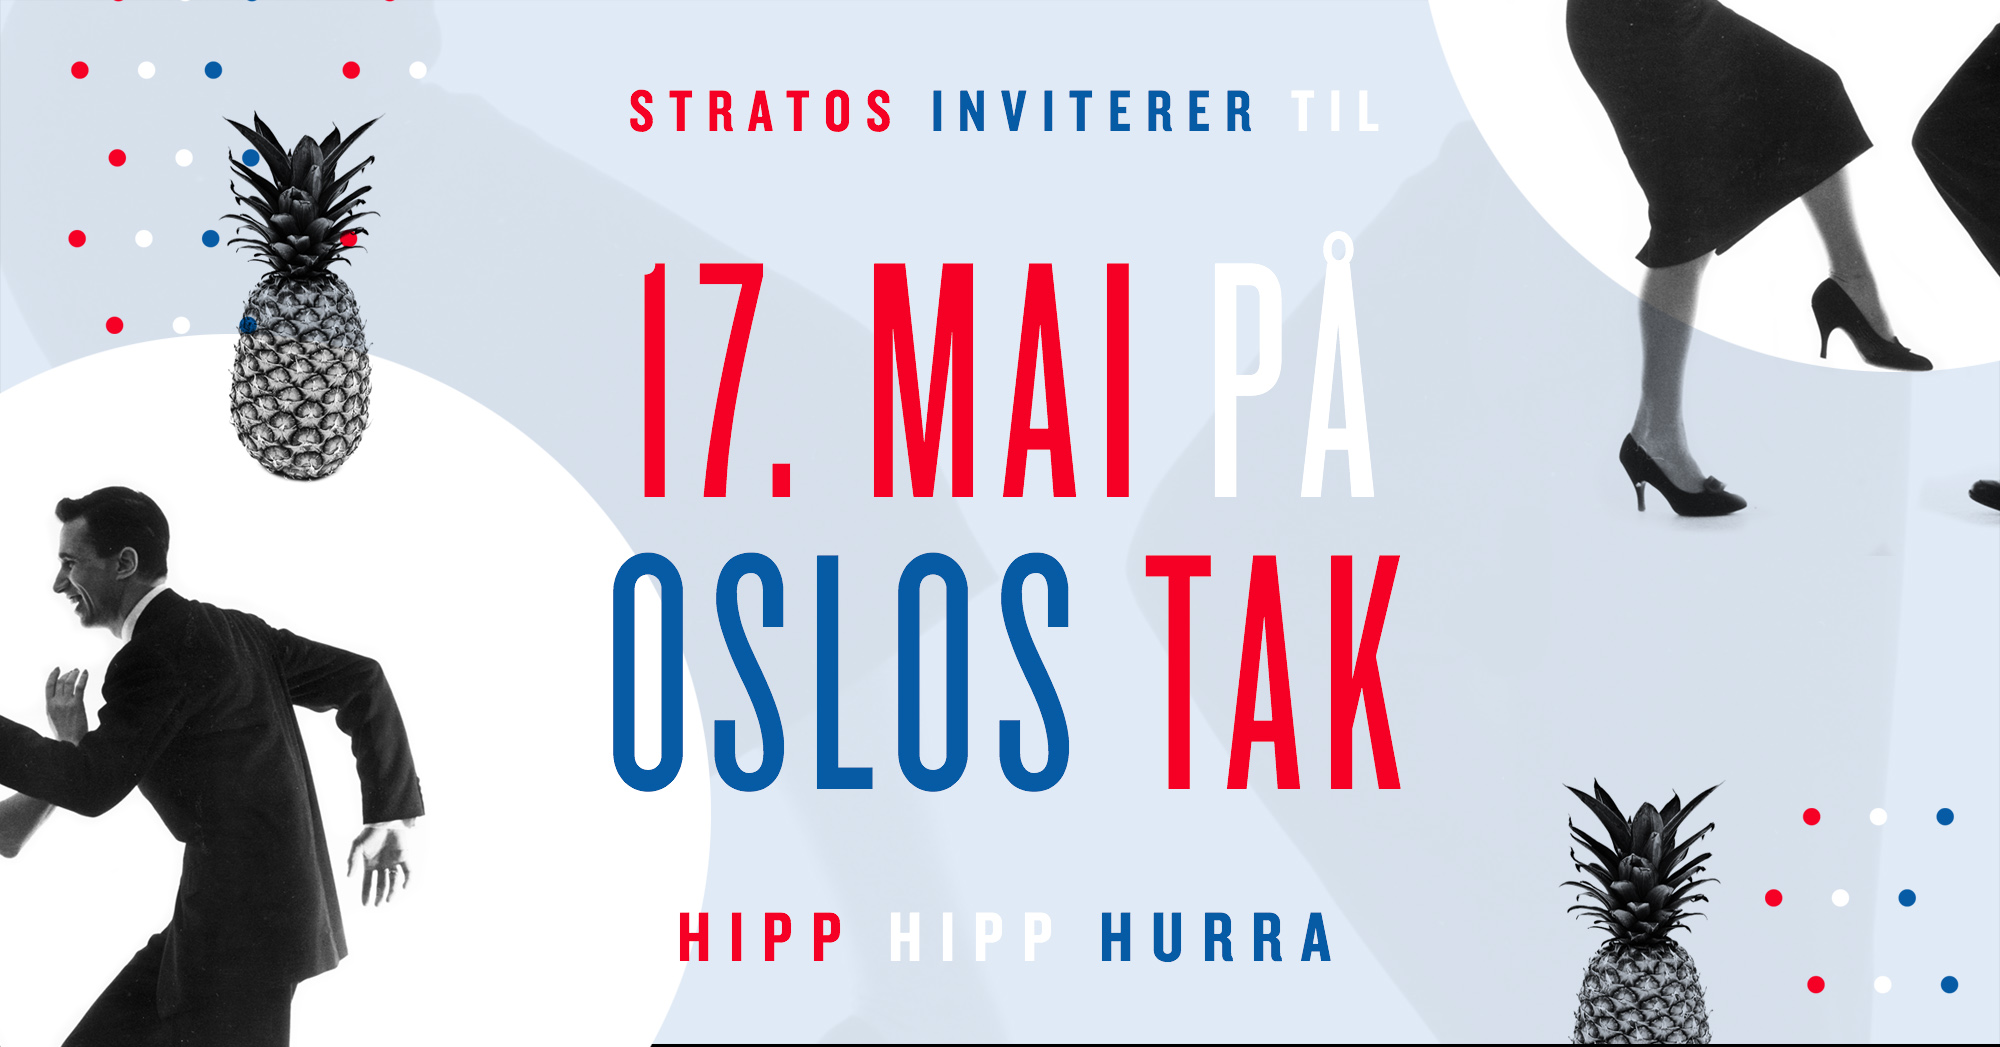 17. mai event Stratos 1.jpg